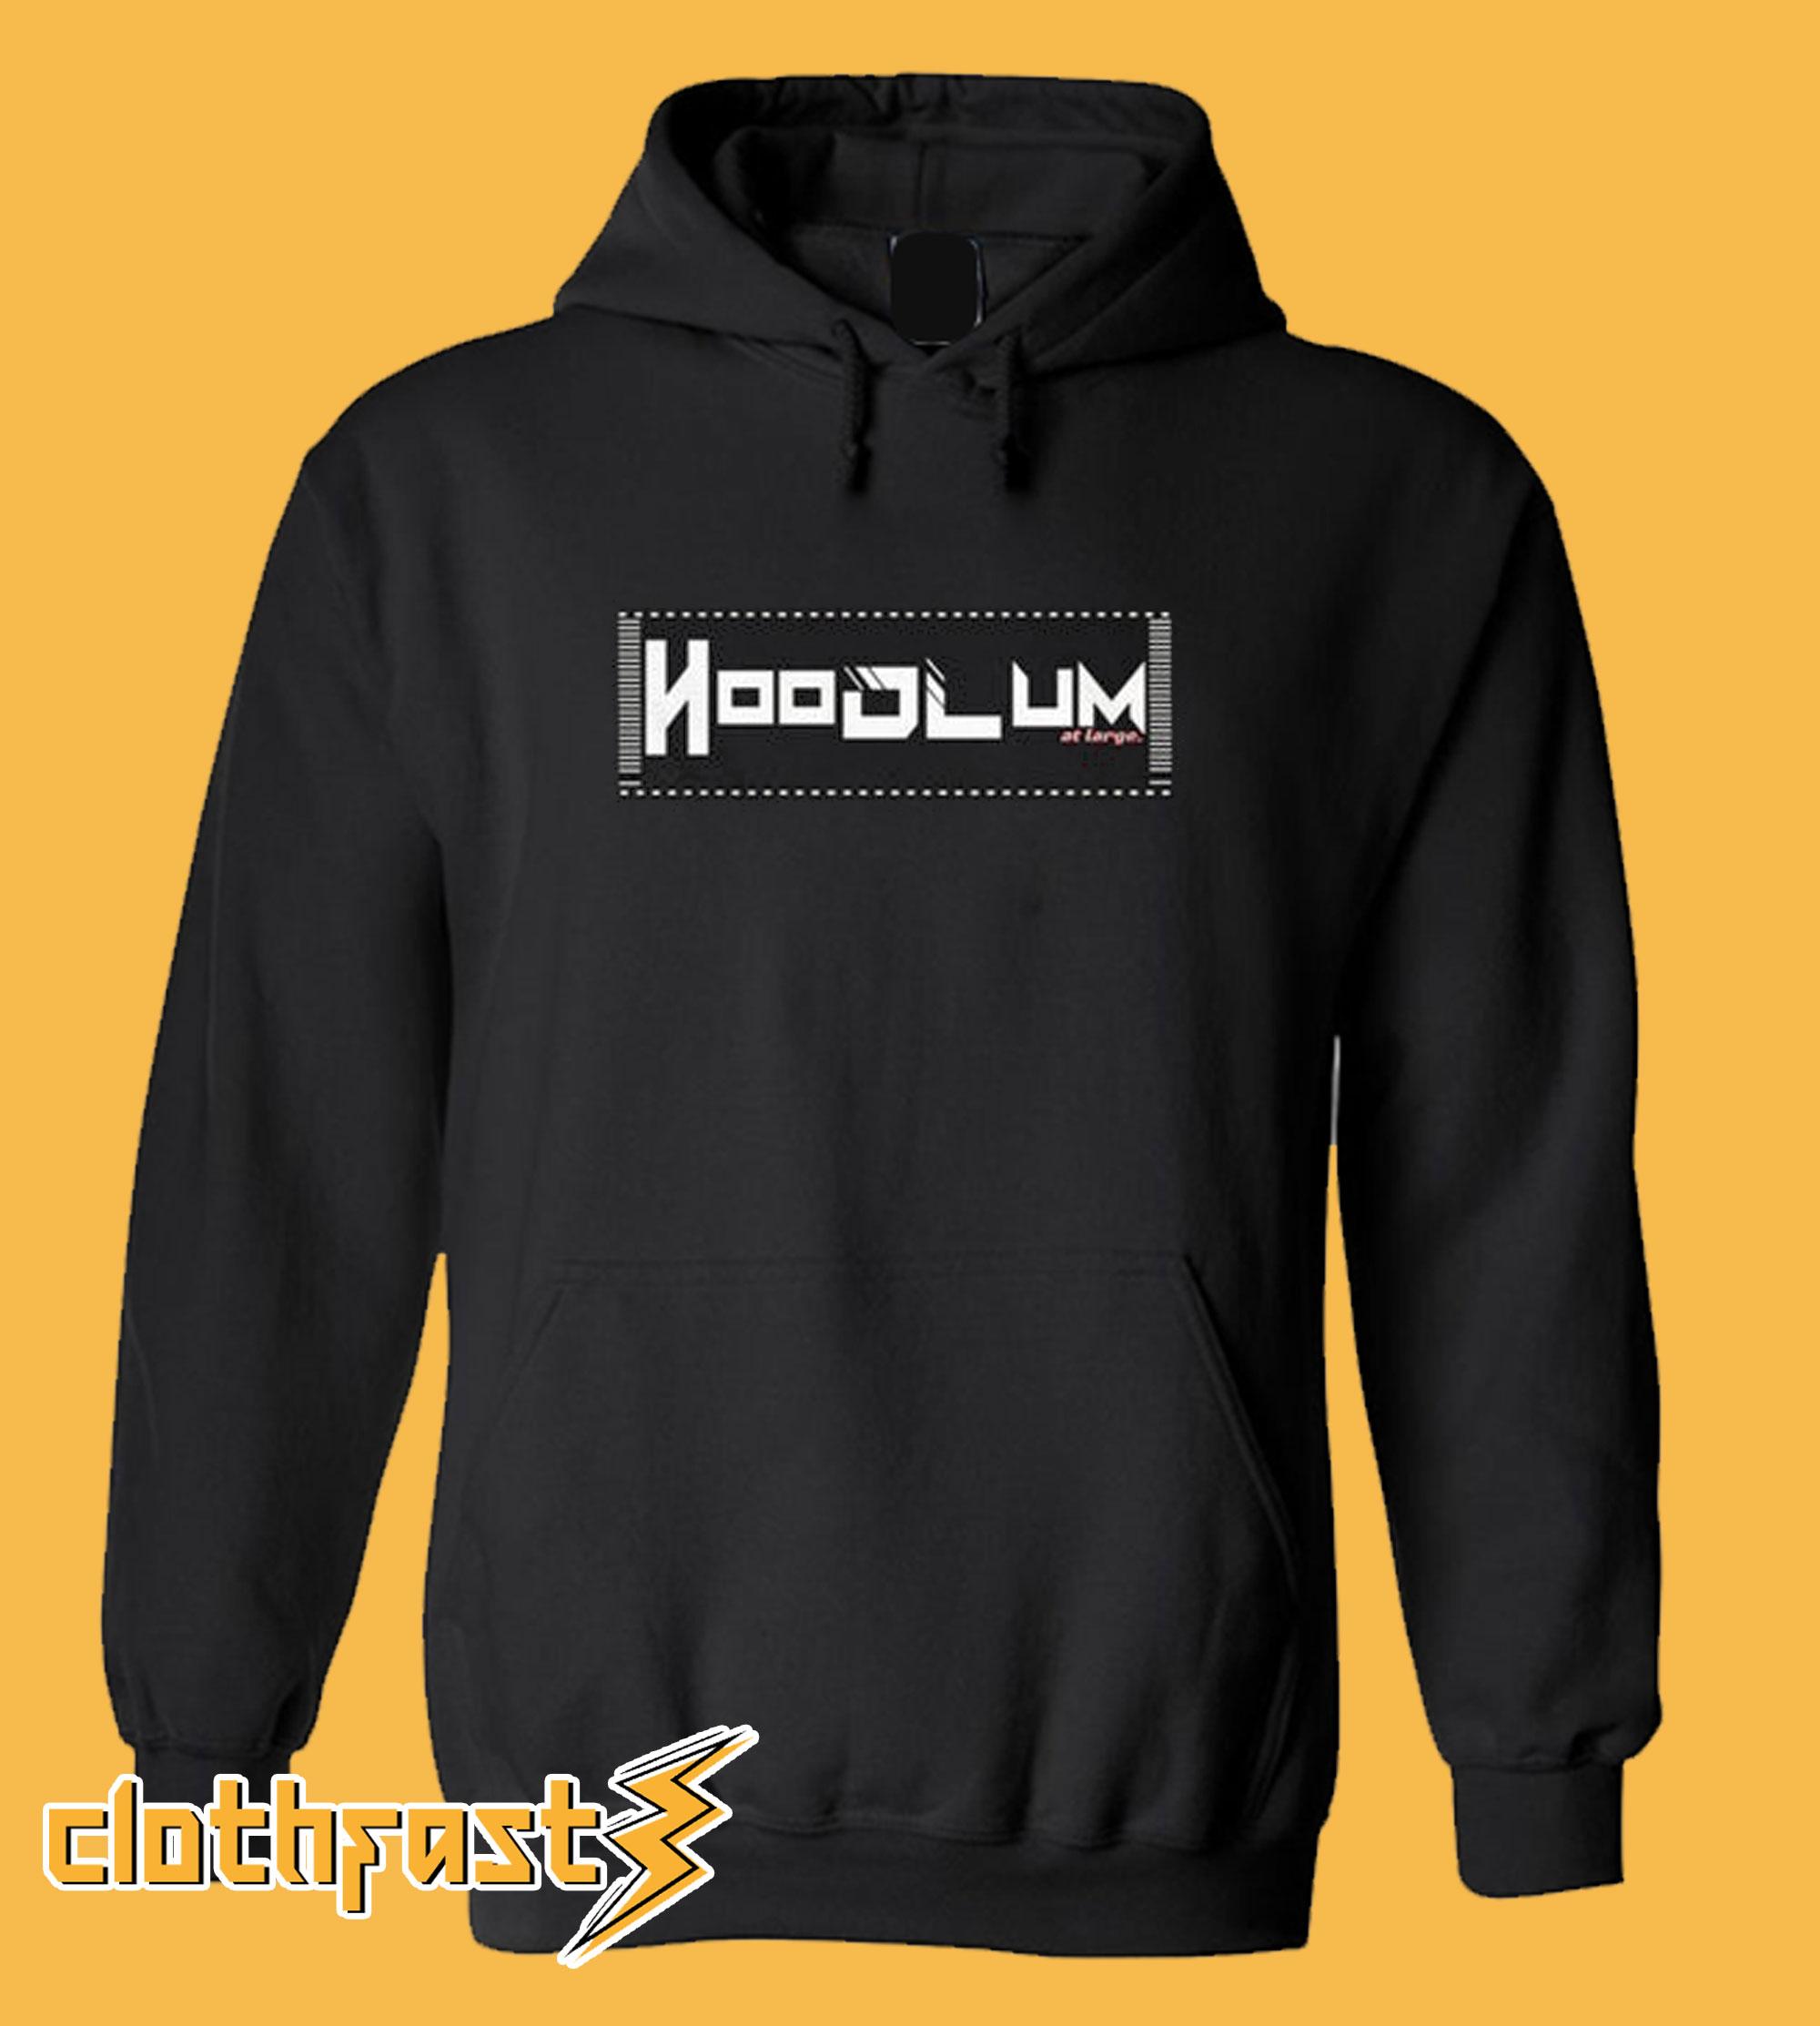 HOODLUM EFBP Hoodie